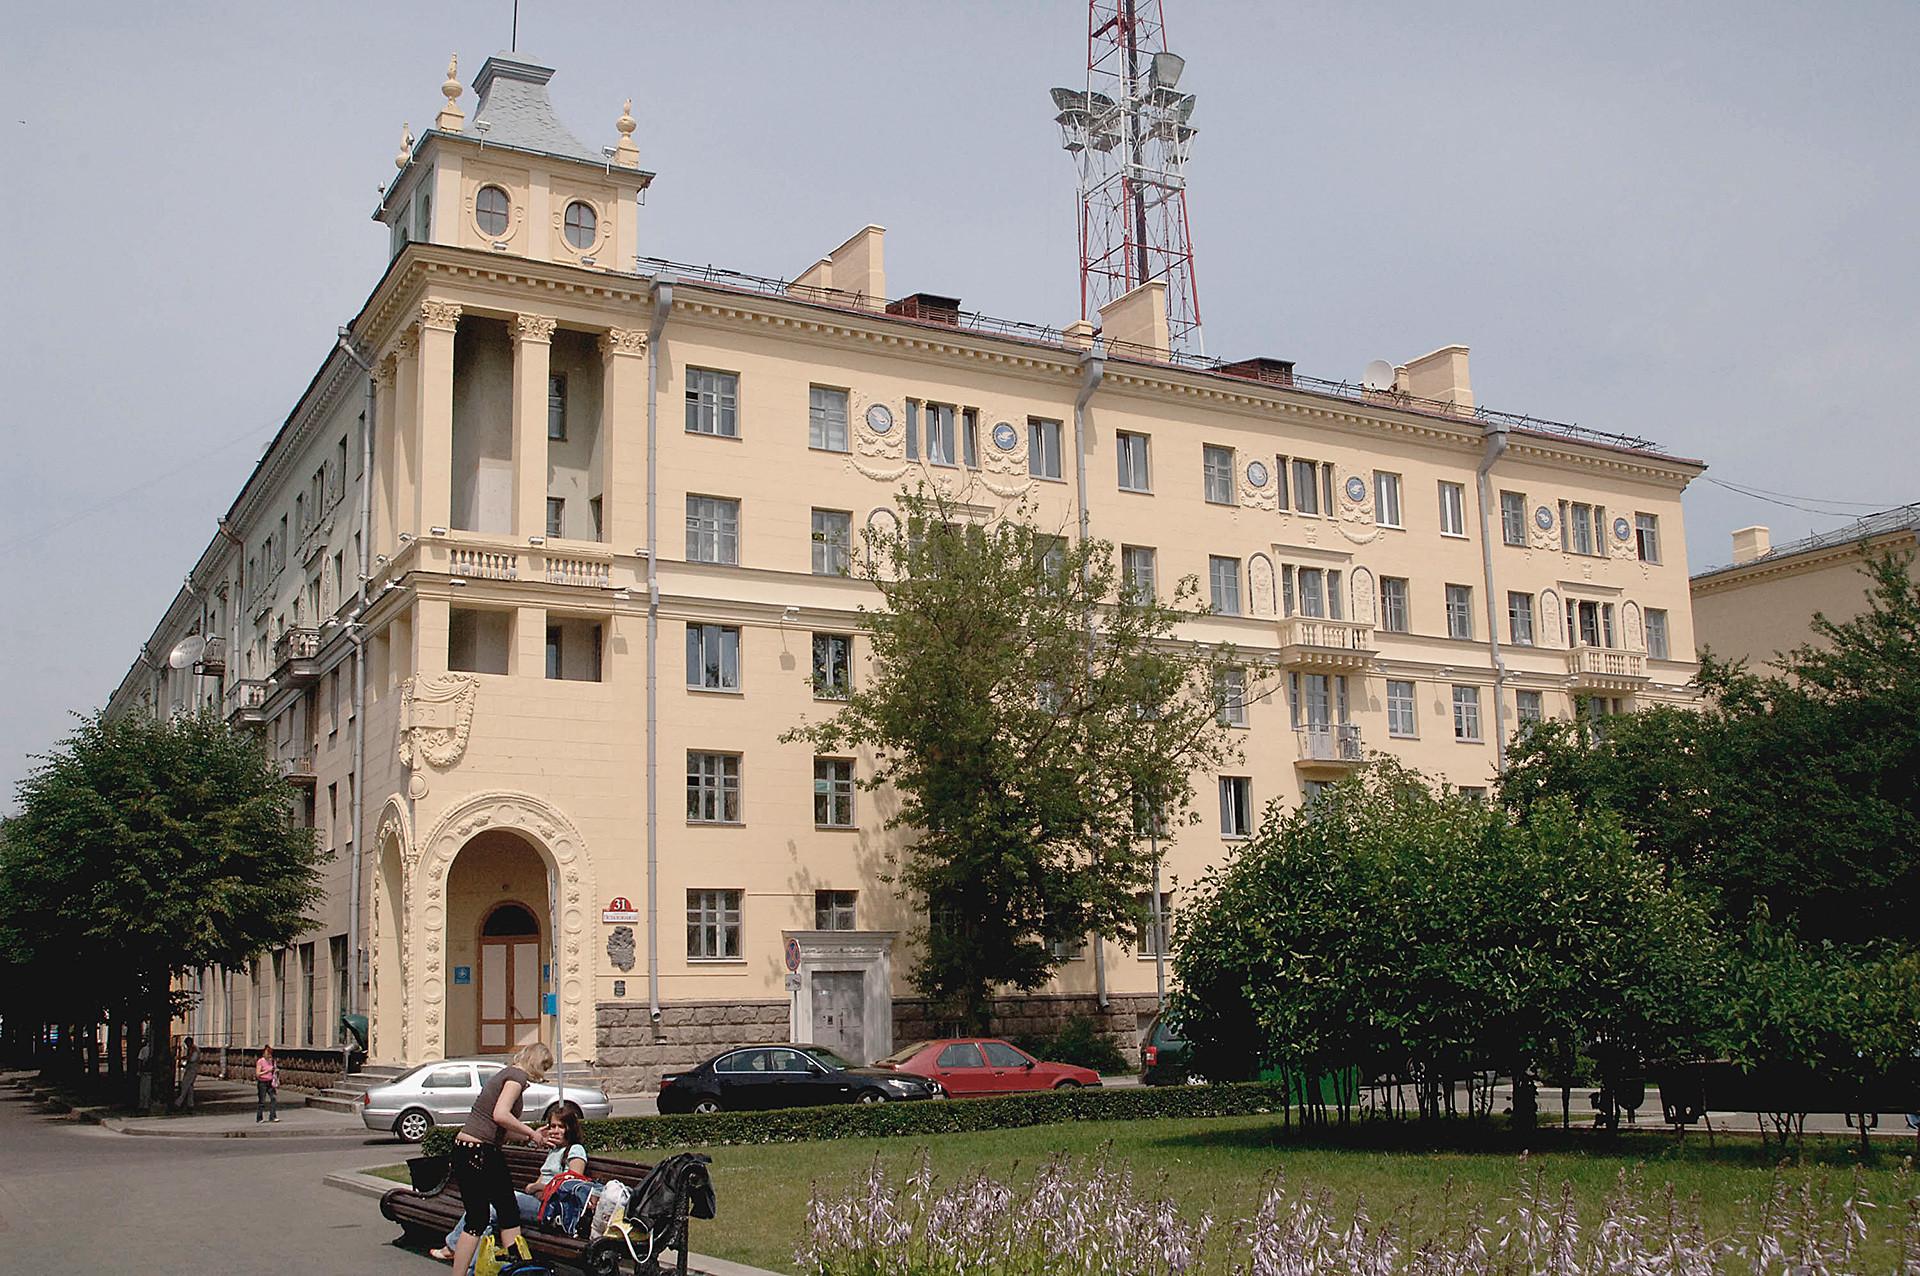 Zgrada  u Minsku (Bjelorusija, bivši SSSR), u kojoj je kratko živio Lee Harvey Oswald.